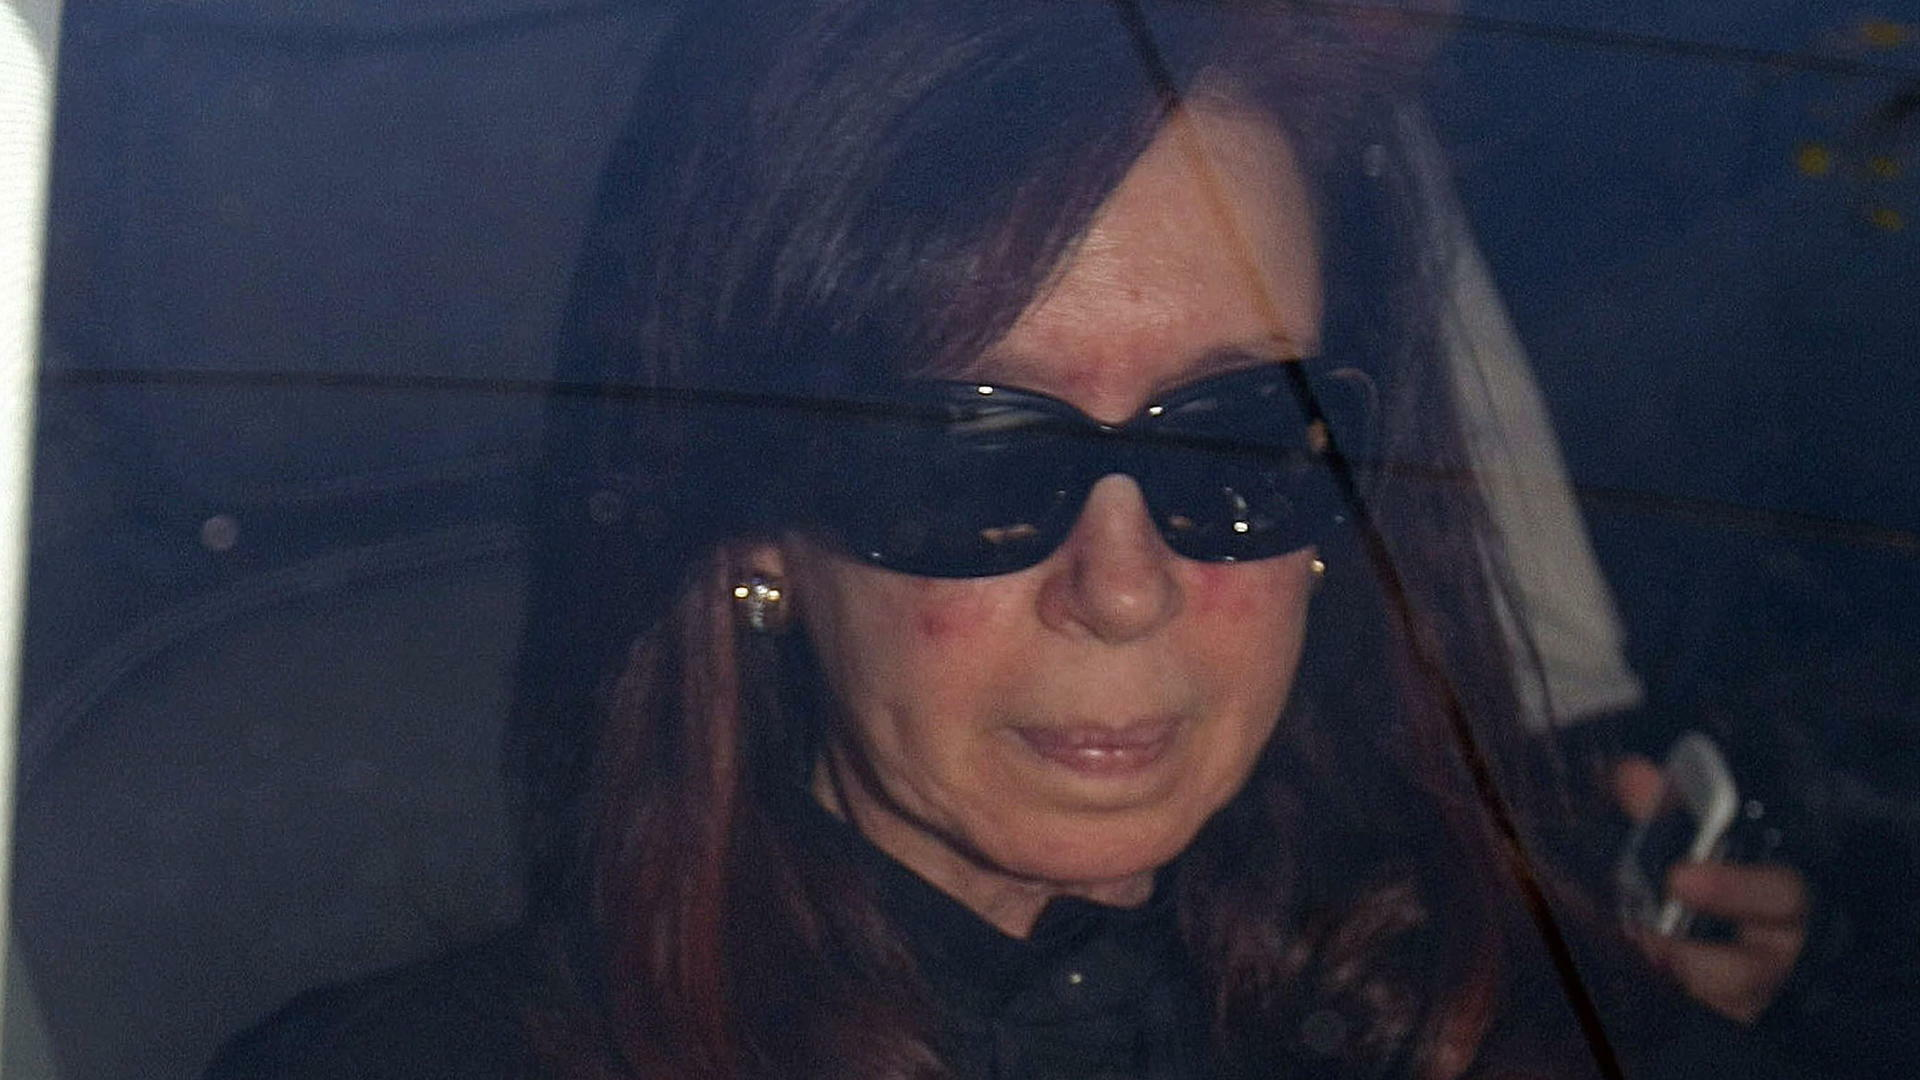 Fernández de Kirchner: Argentiniens Präsidentin Bluterguss im Kopf entfernt